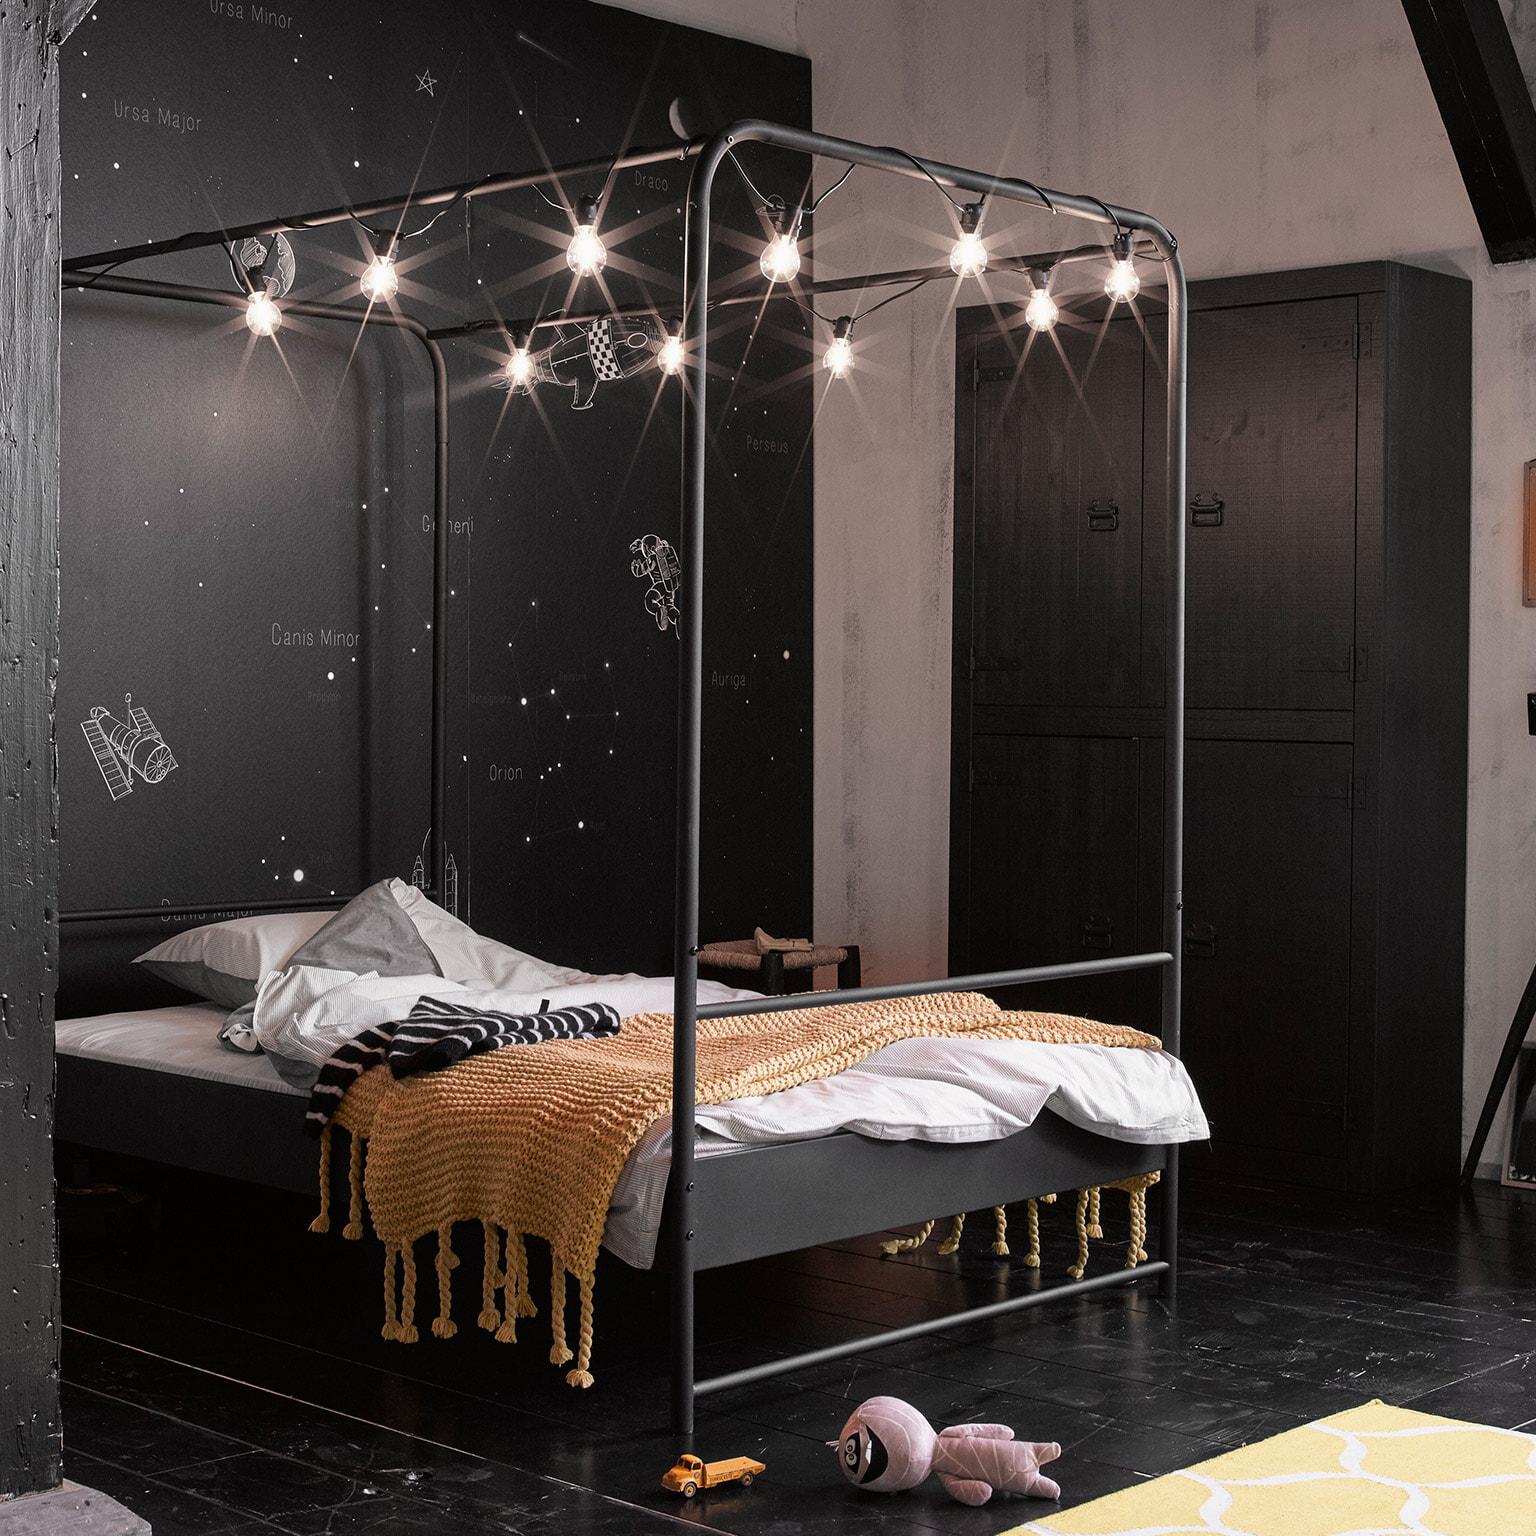 vtwonen Bed 'Bunk' 120 x 200cm, kleur Zwart | vtwonen